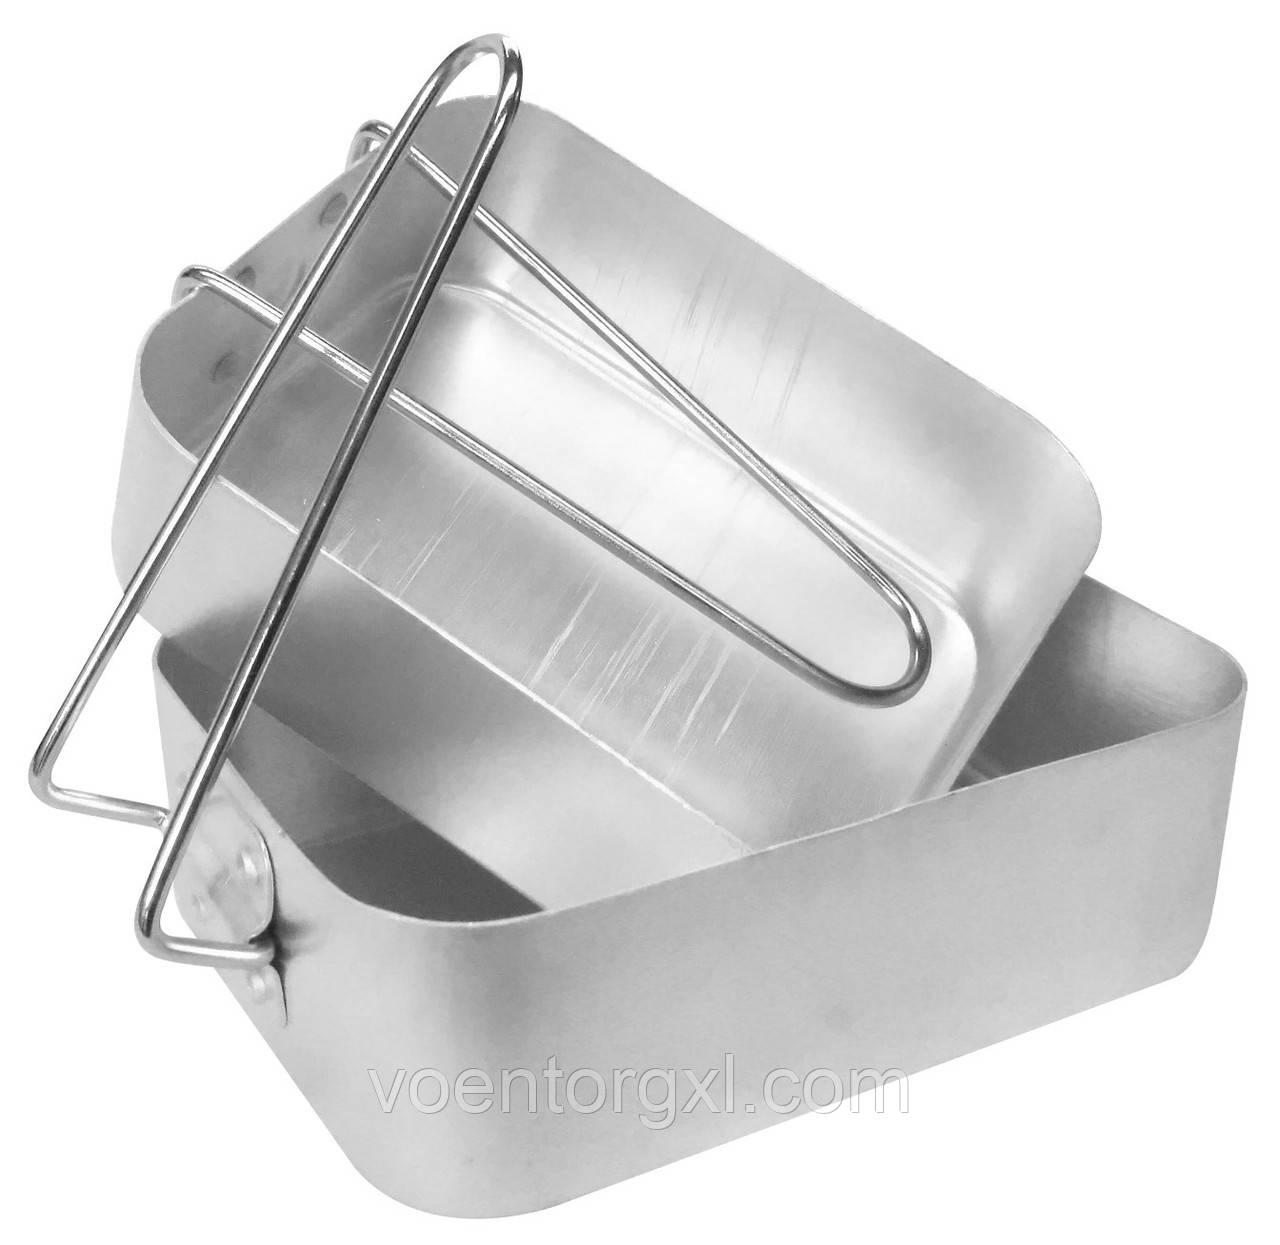 Полевой набор посуды NATO Mess Kit. Оригинал.